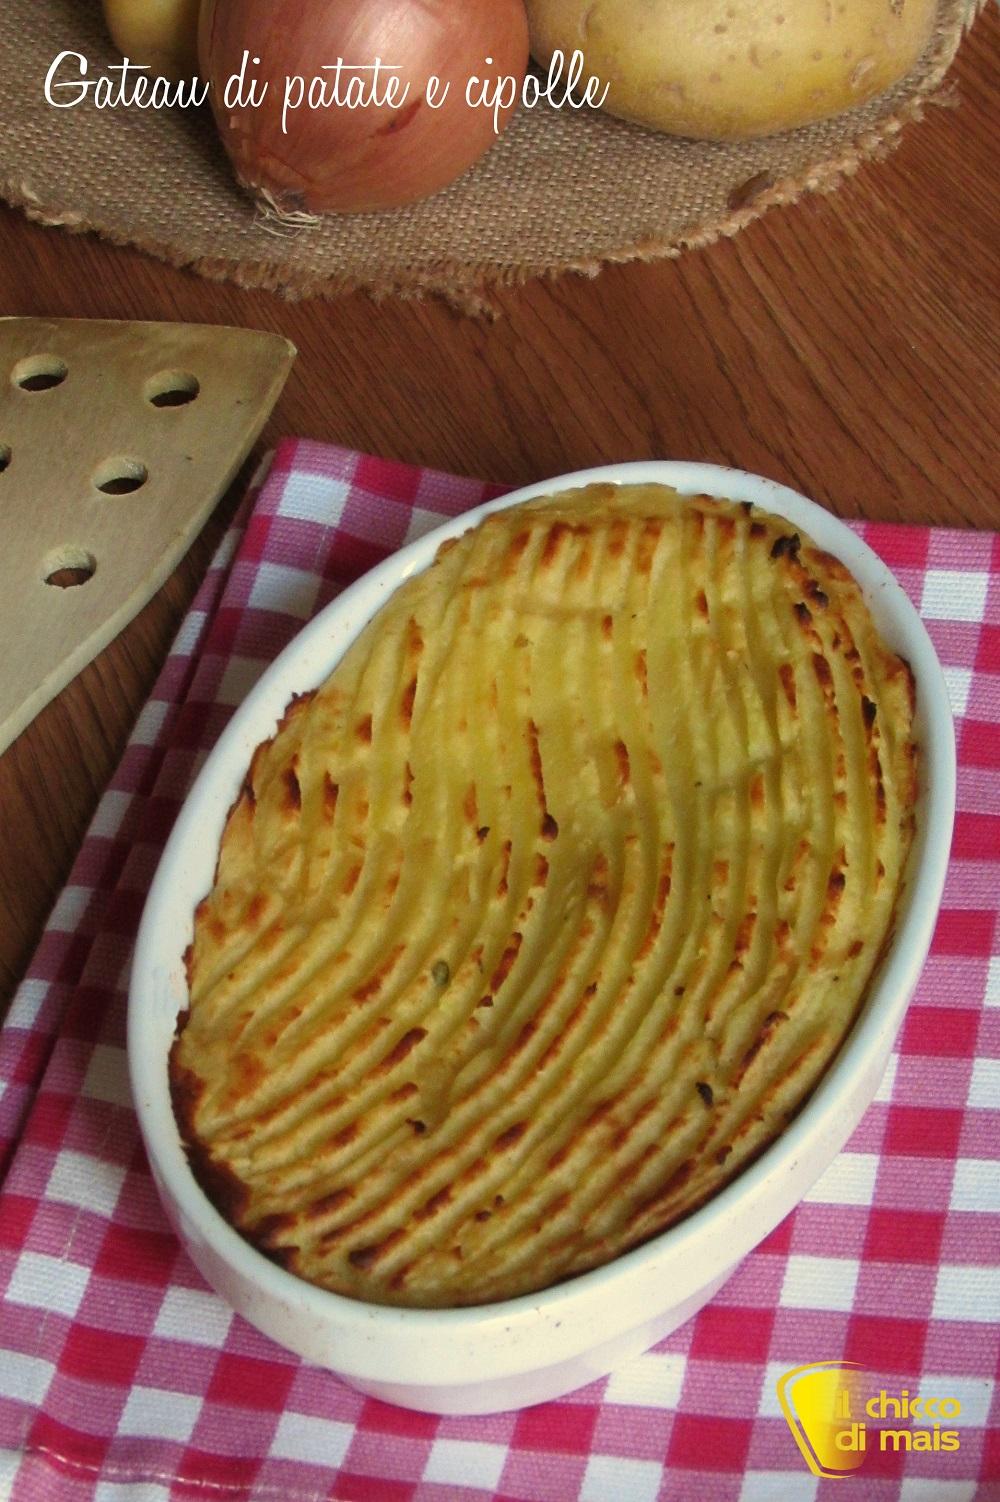 verticale Gateau di patate e cipolle ricetta facile senza uova il chicco di mais